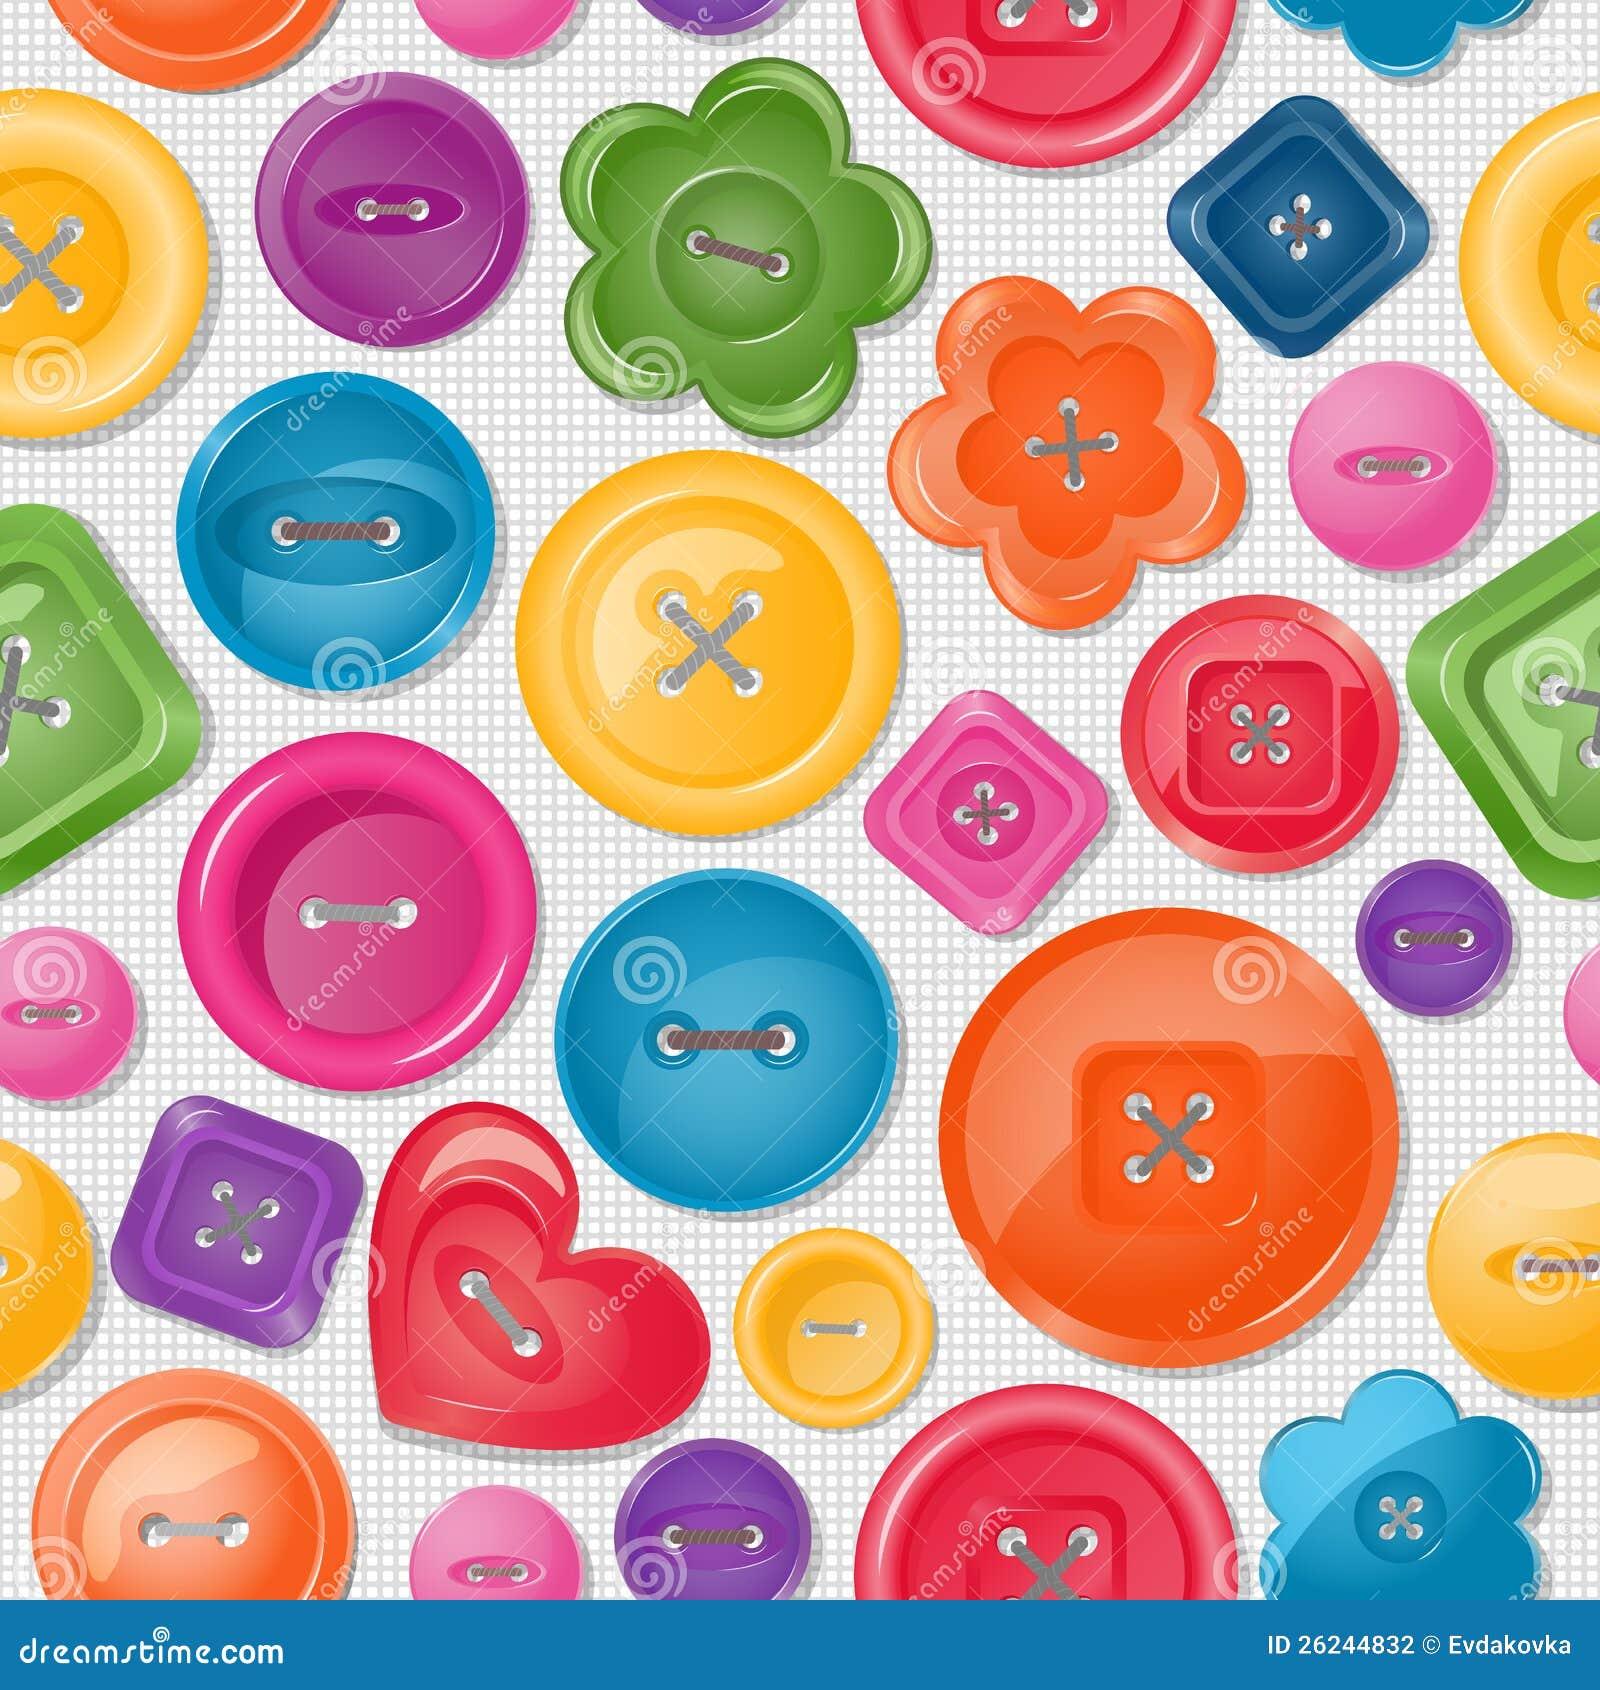 Fundo sem emenda com teclas coloridas